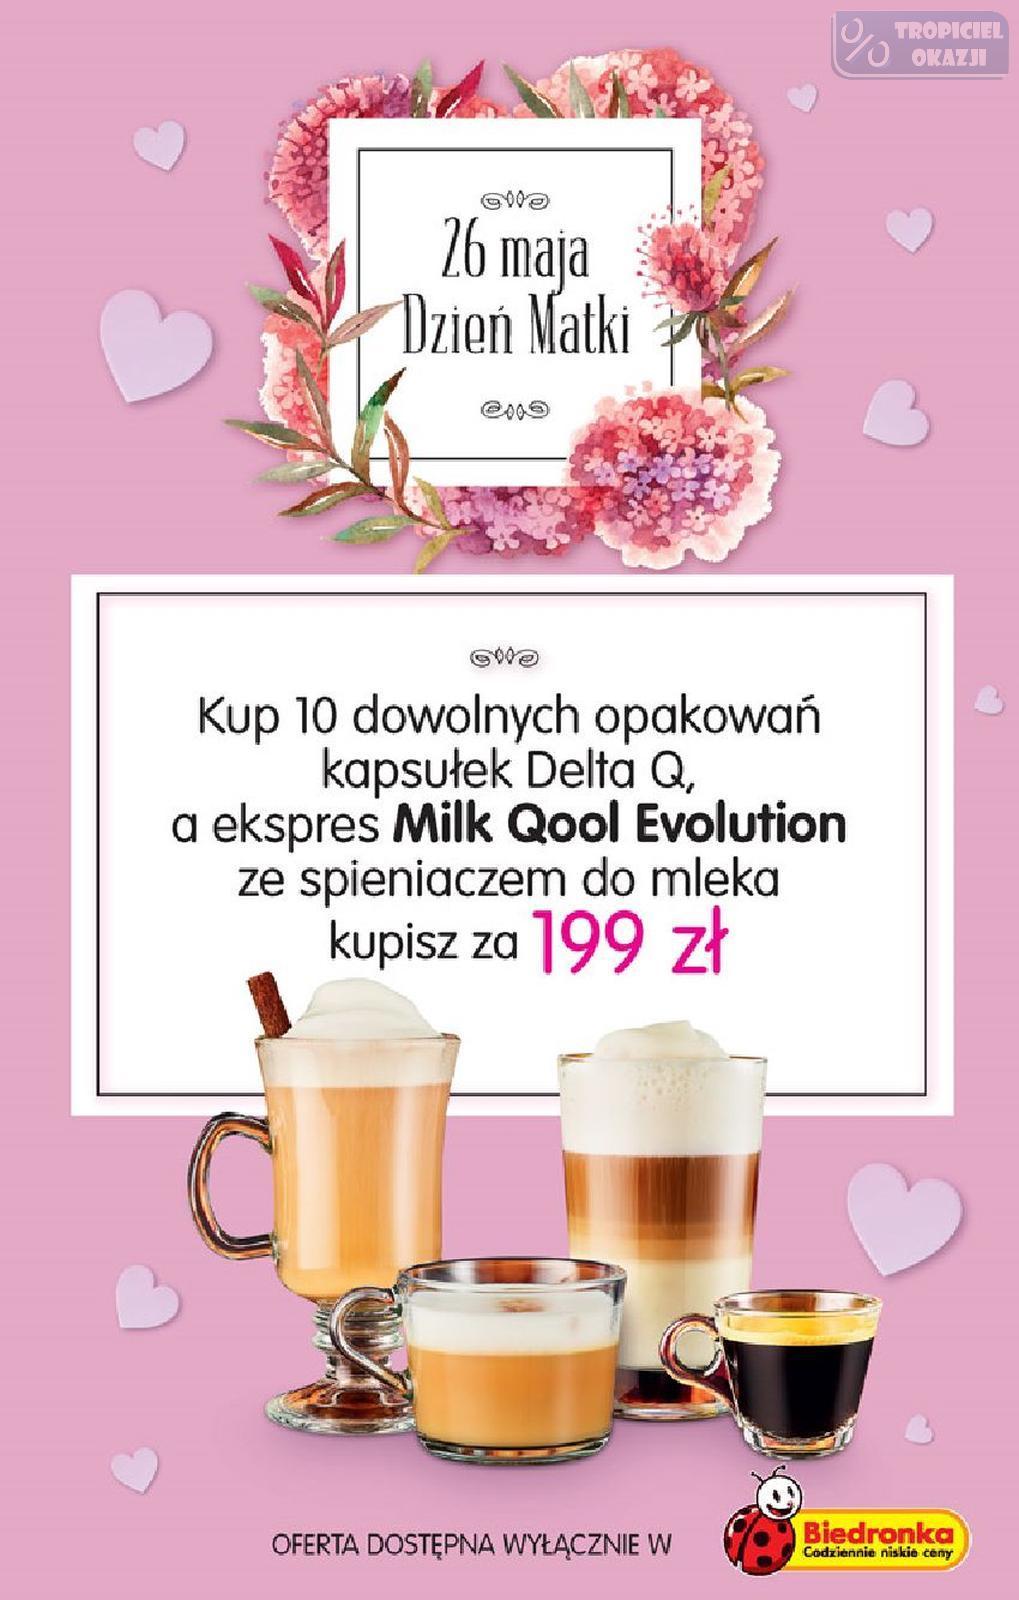 Gazetka promocyjna Biedronka do 29/05/2019 str.5